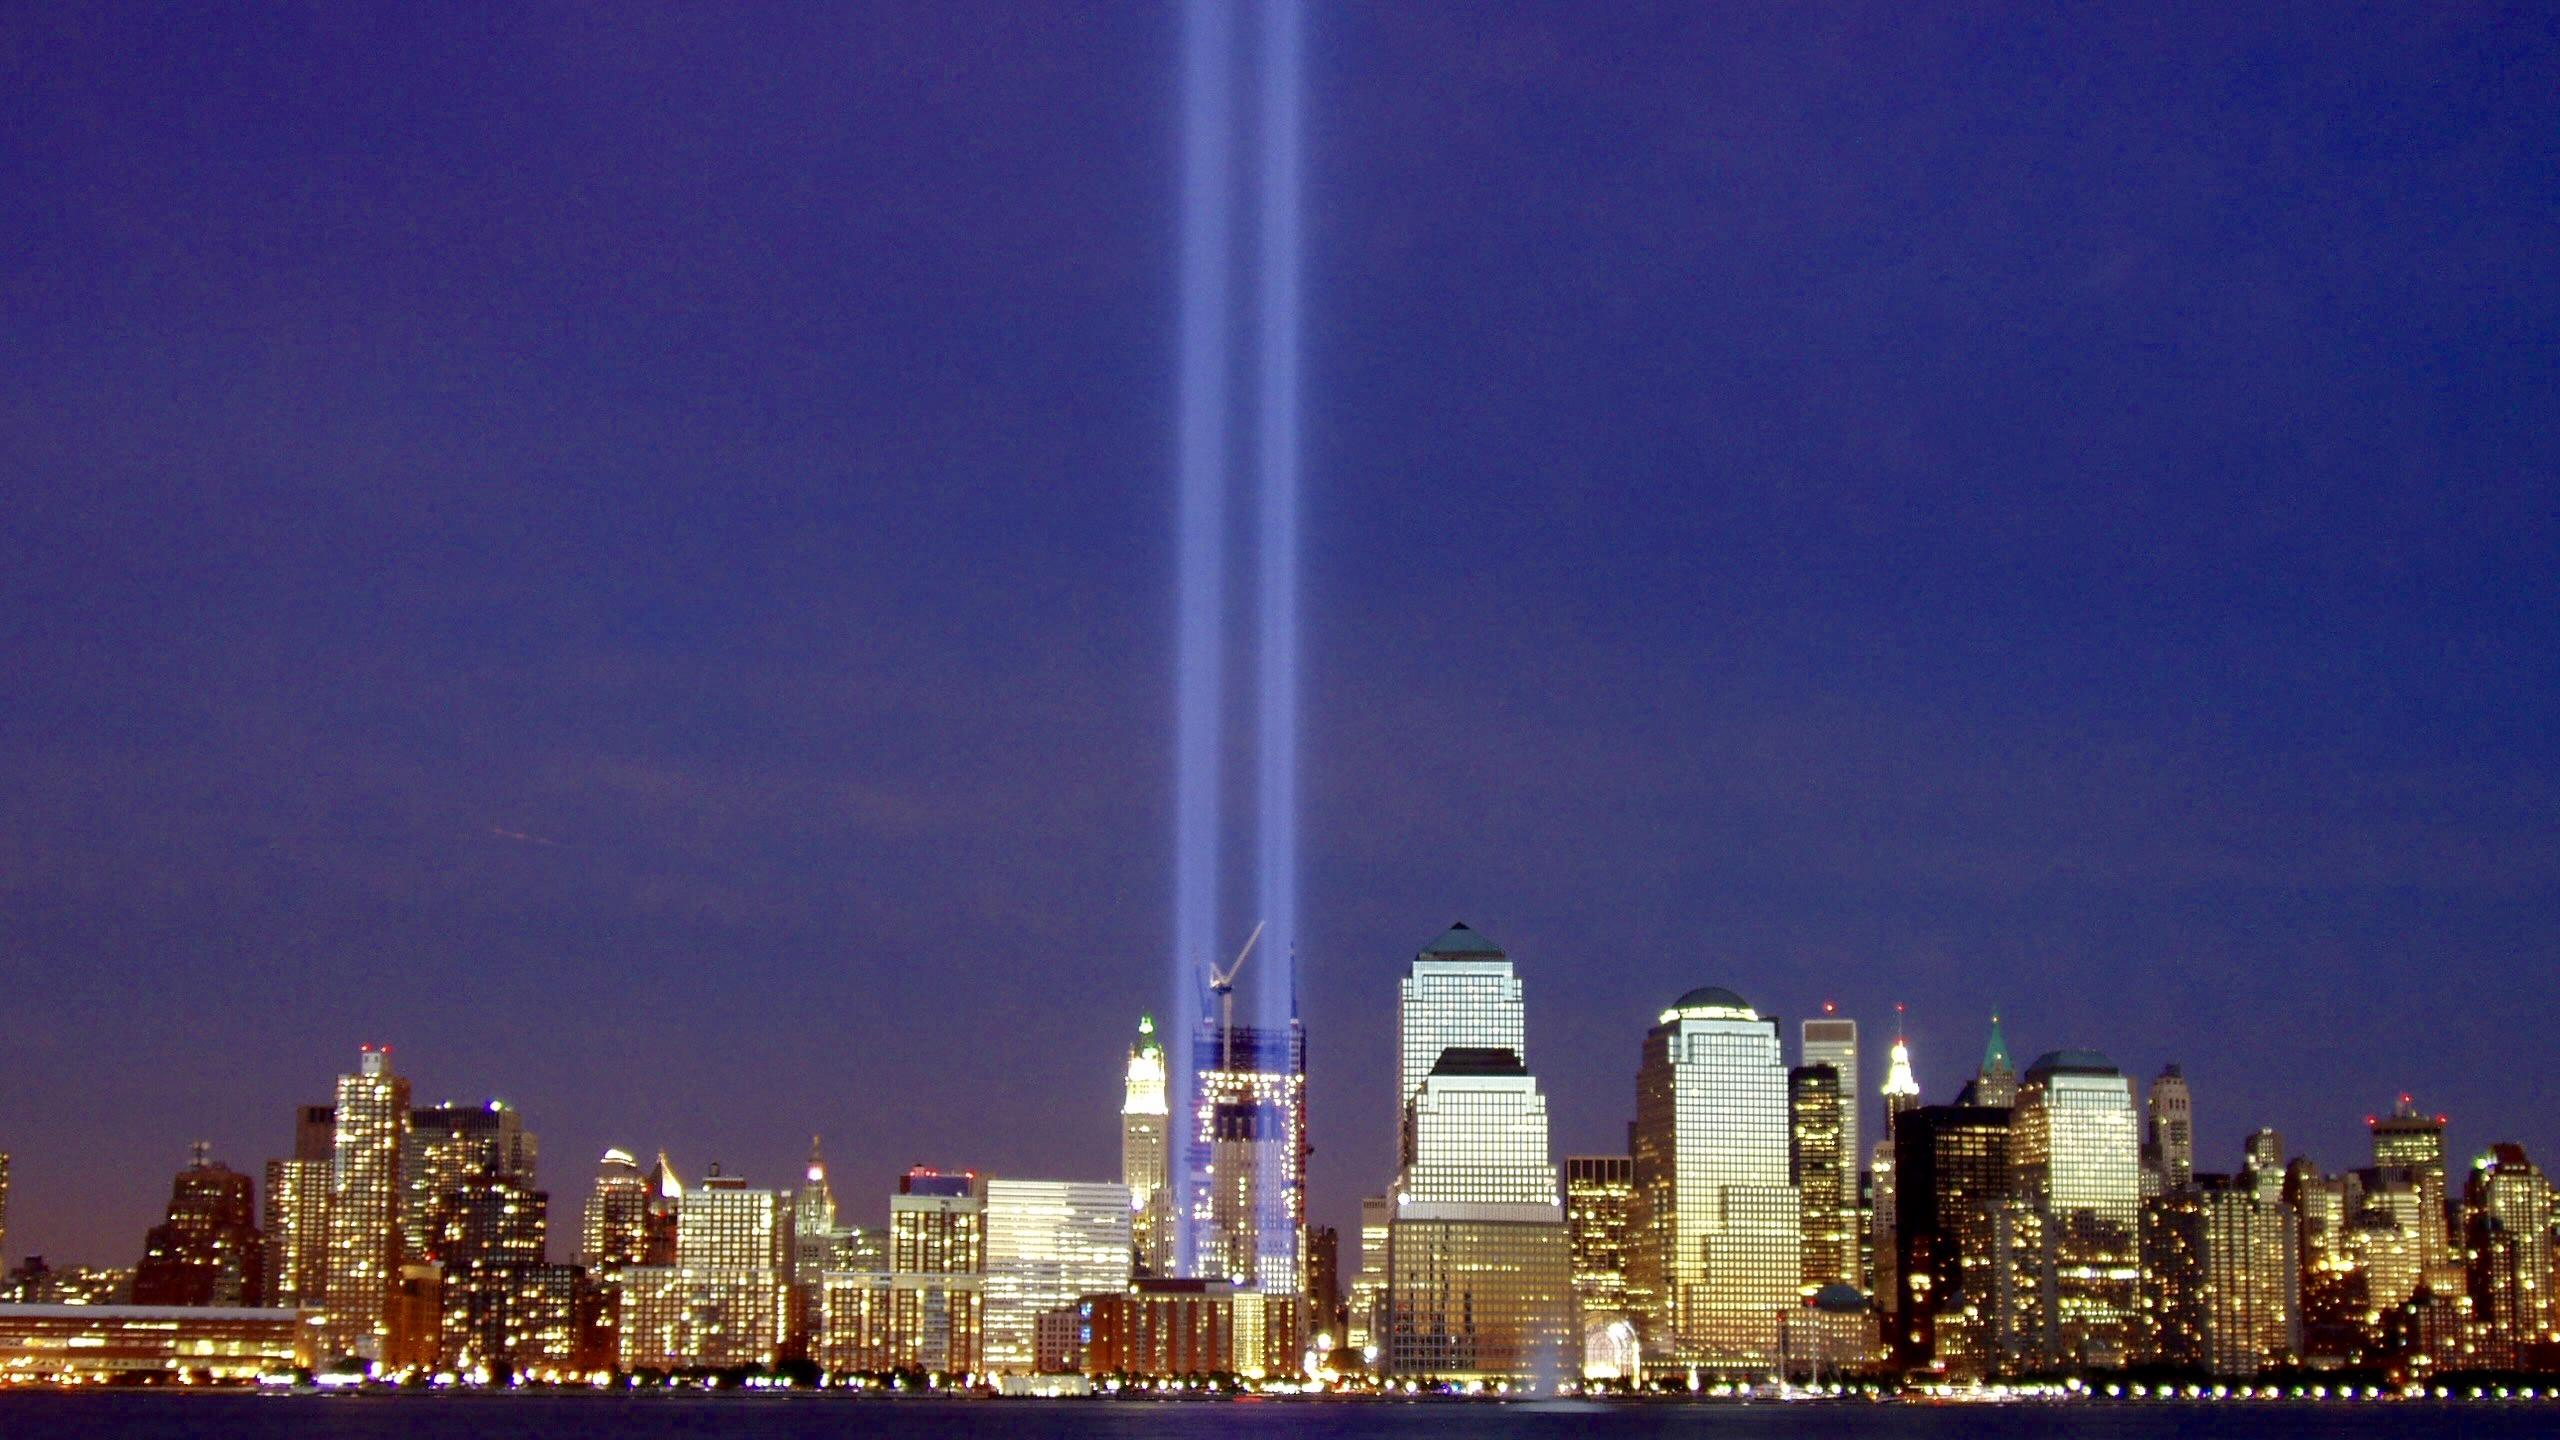 Wtc-2004-memorial.jpg